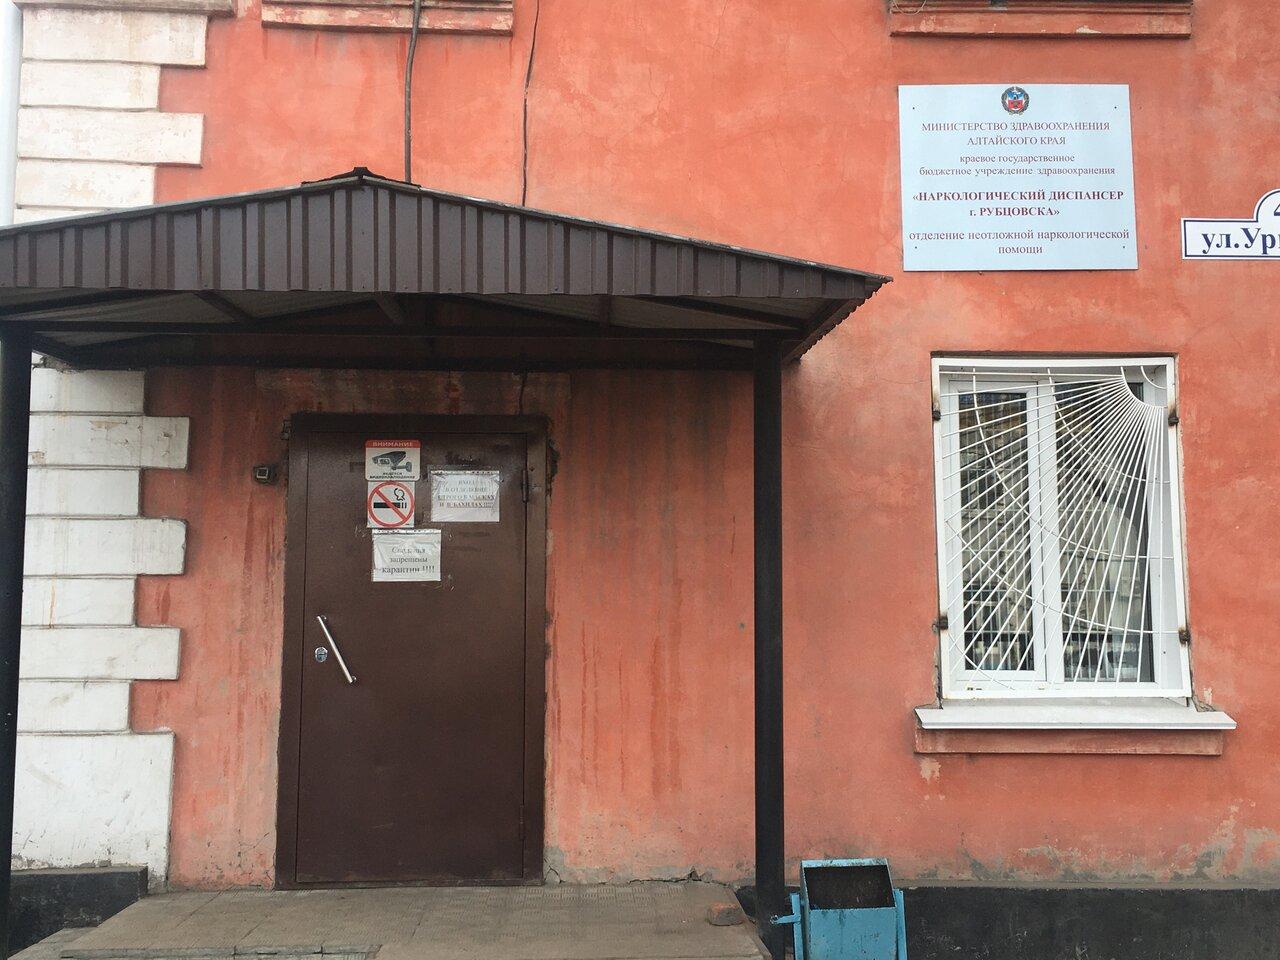 Наркология рубцовск телефон регистратура наркологические клиника екатеринбург